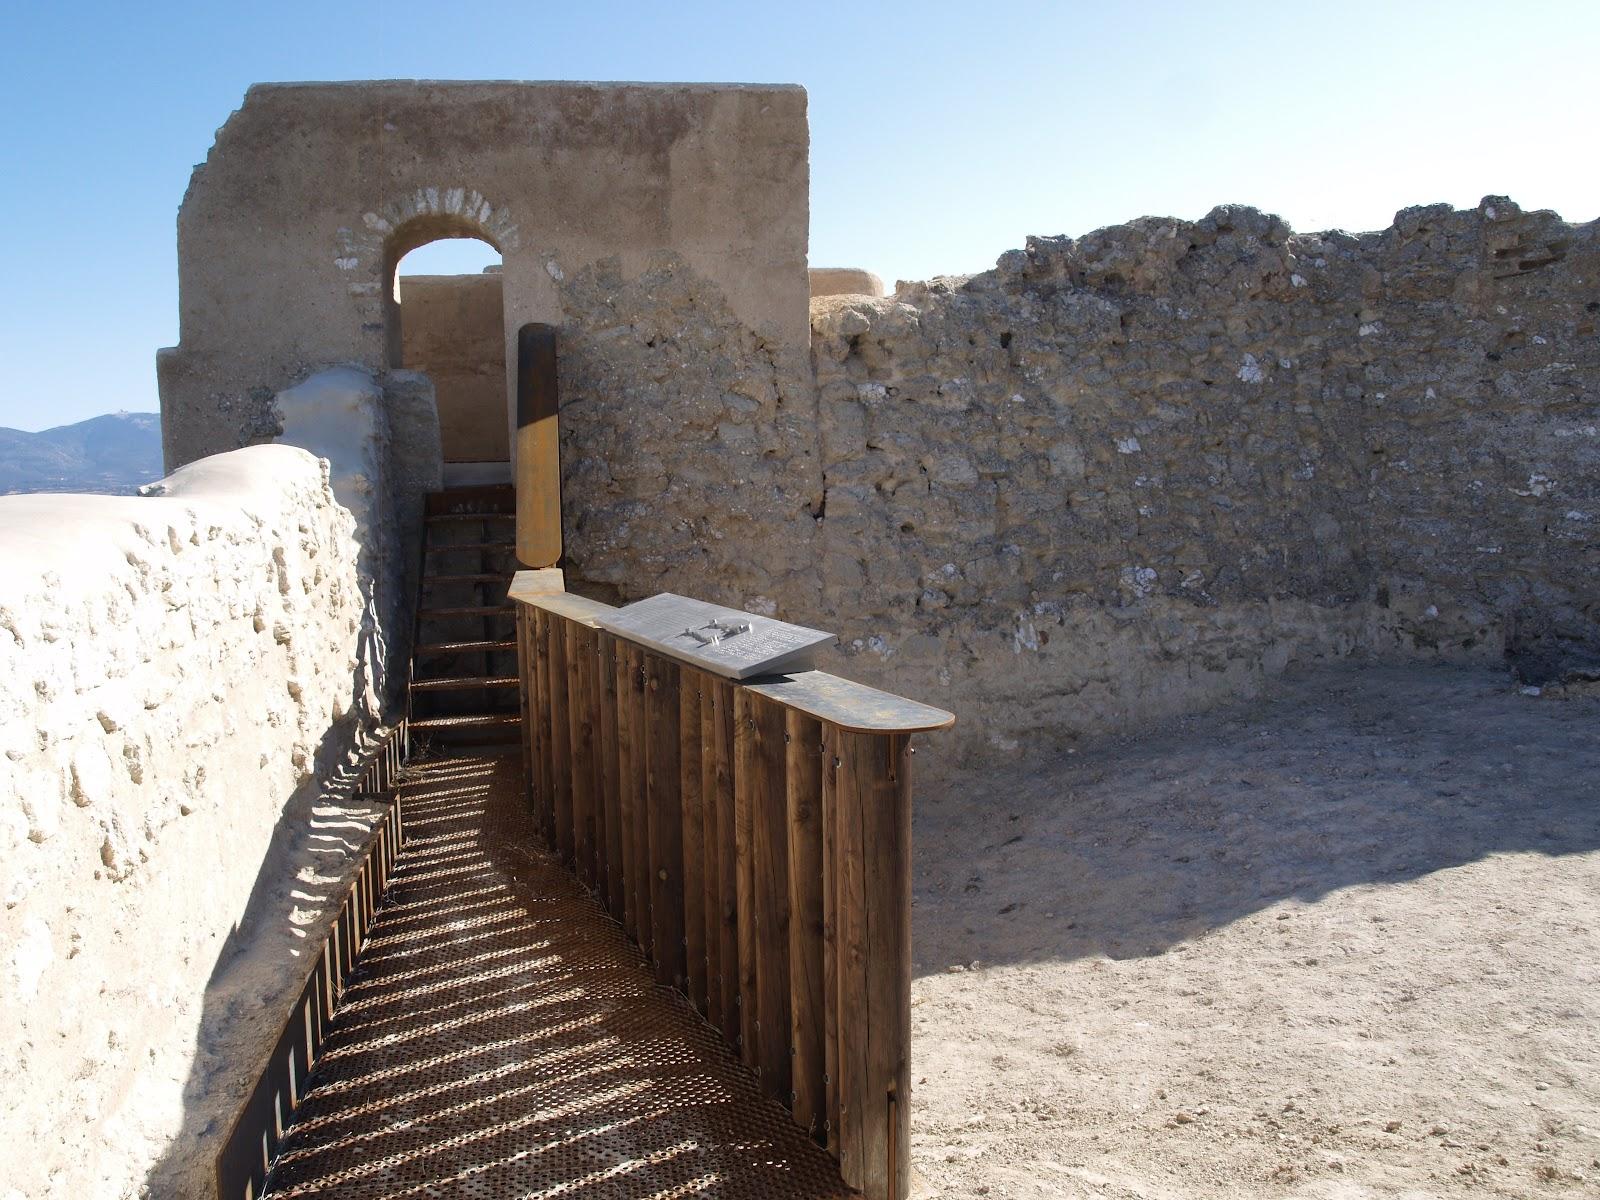 Castillos de arag n 133 rutas visita al castillo mayor - Hotel castillo de ayud calatayud ...